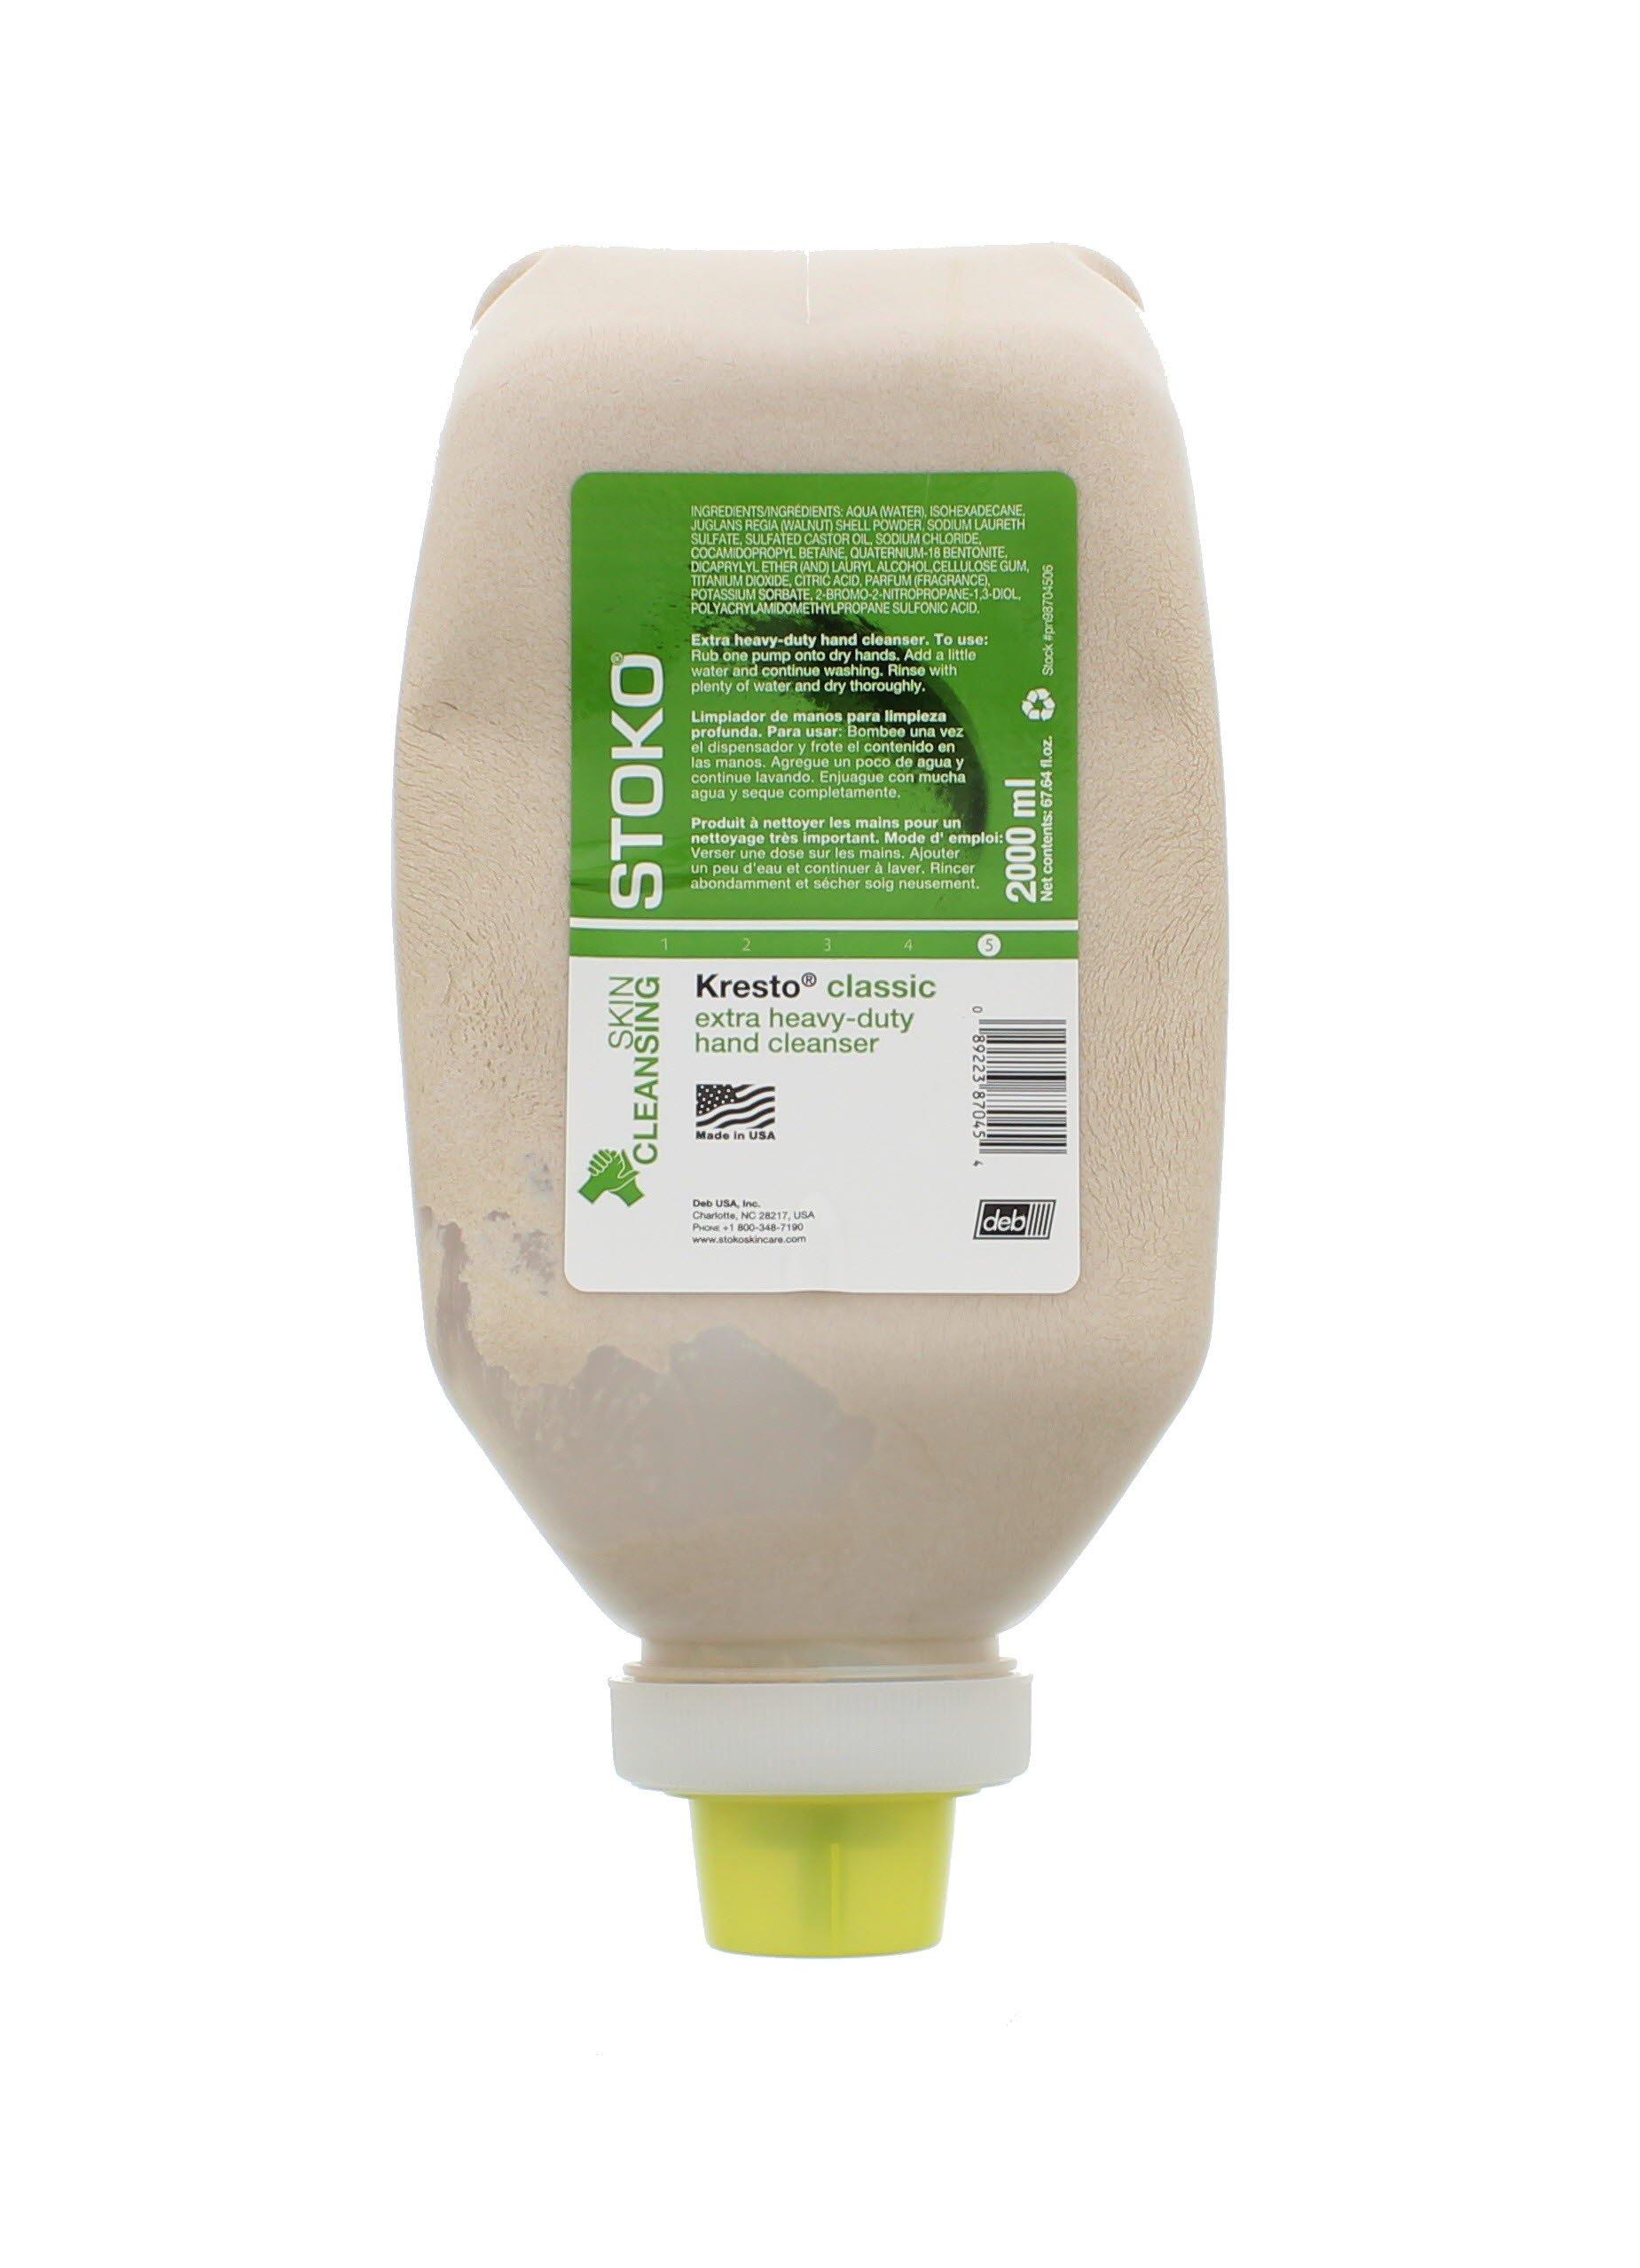 ML Softbottle STOKO Kresto Heavy Duty Hand Cleaner